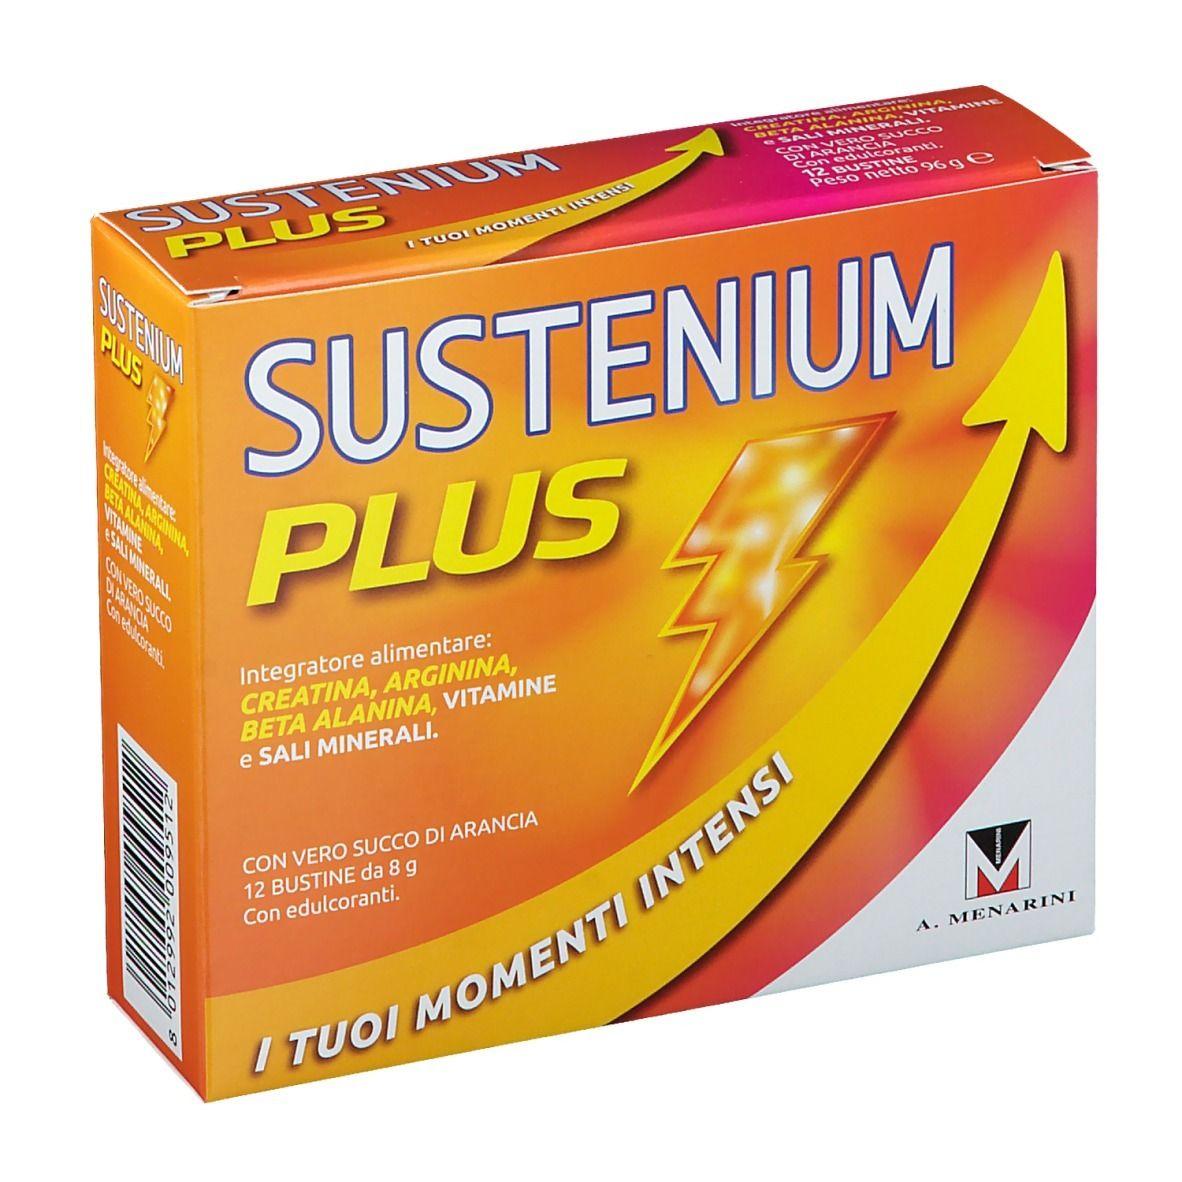 Image of Sustenium Plus Menarini 12 Bustine